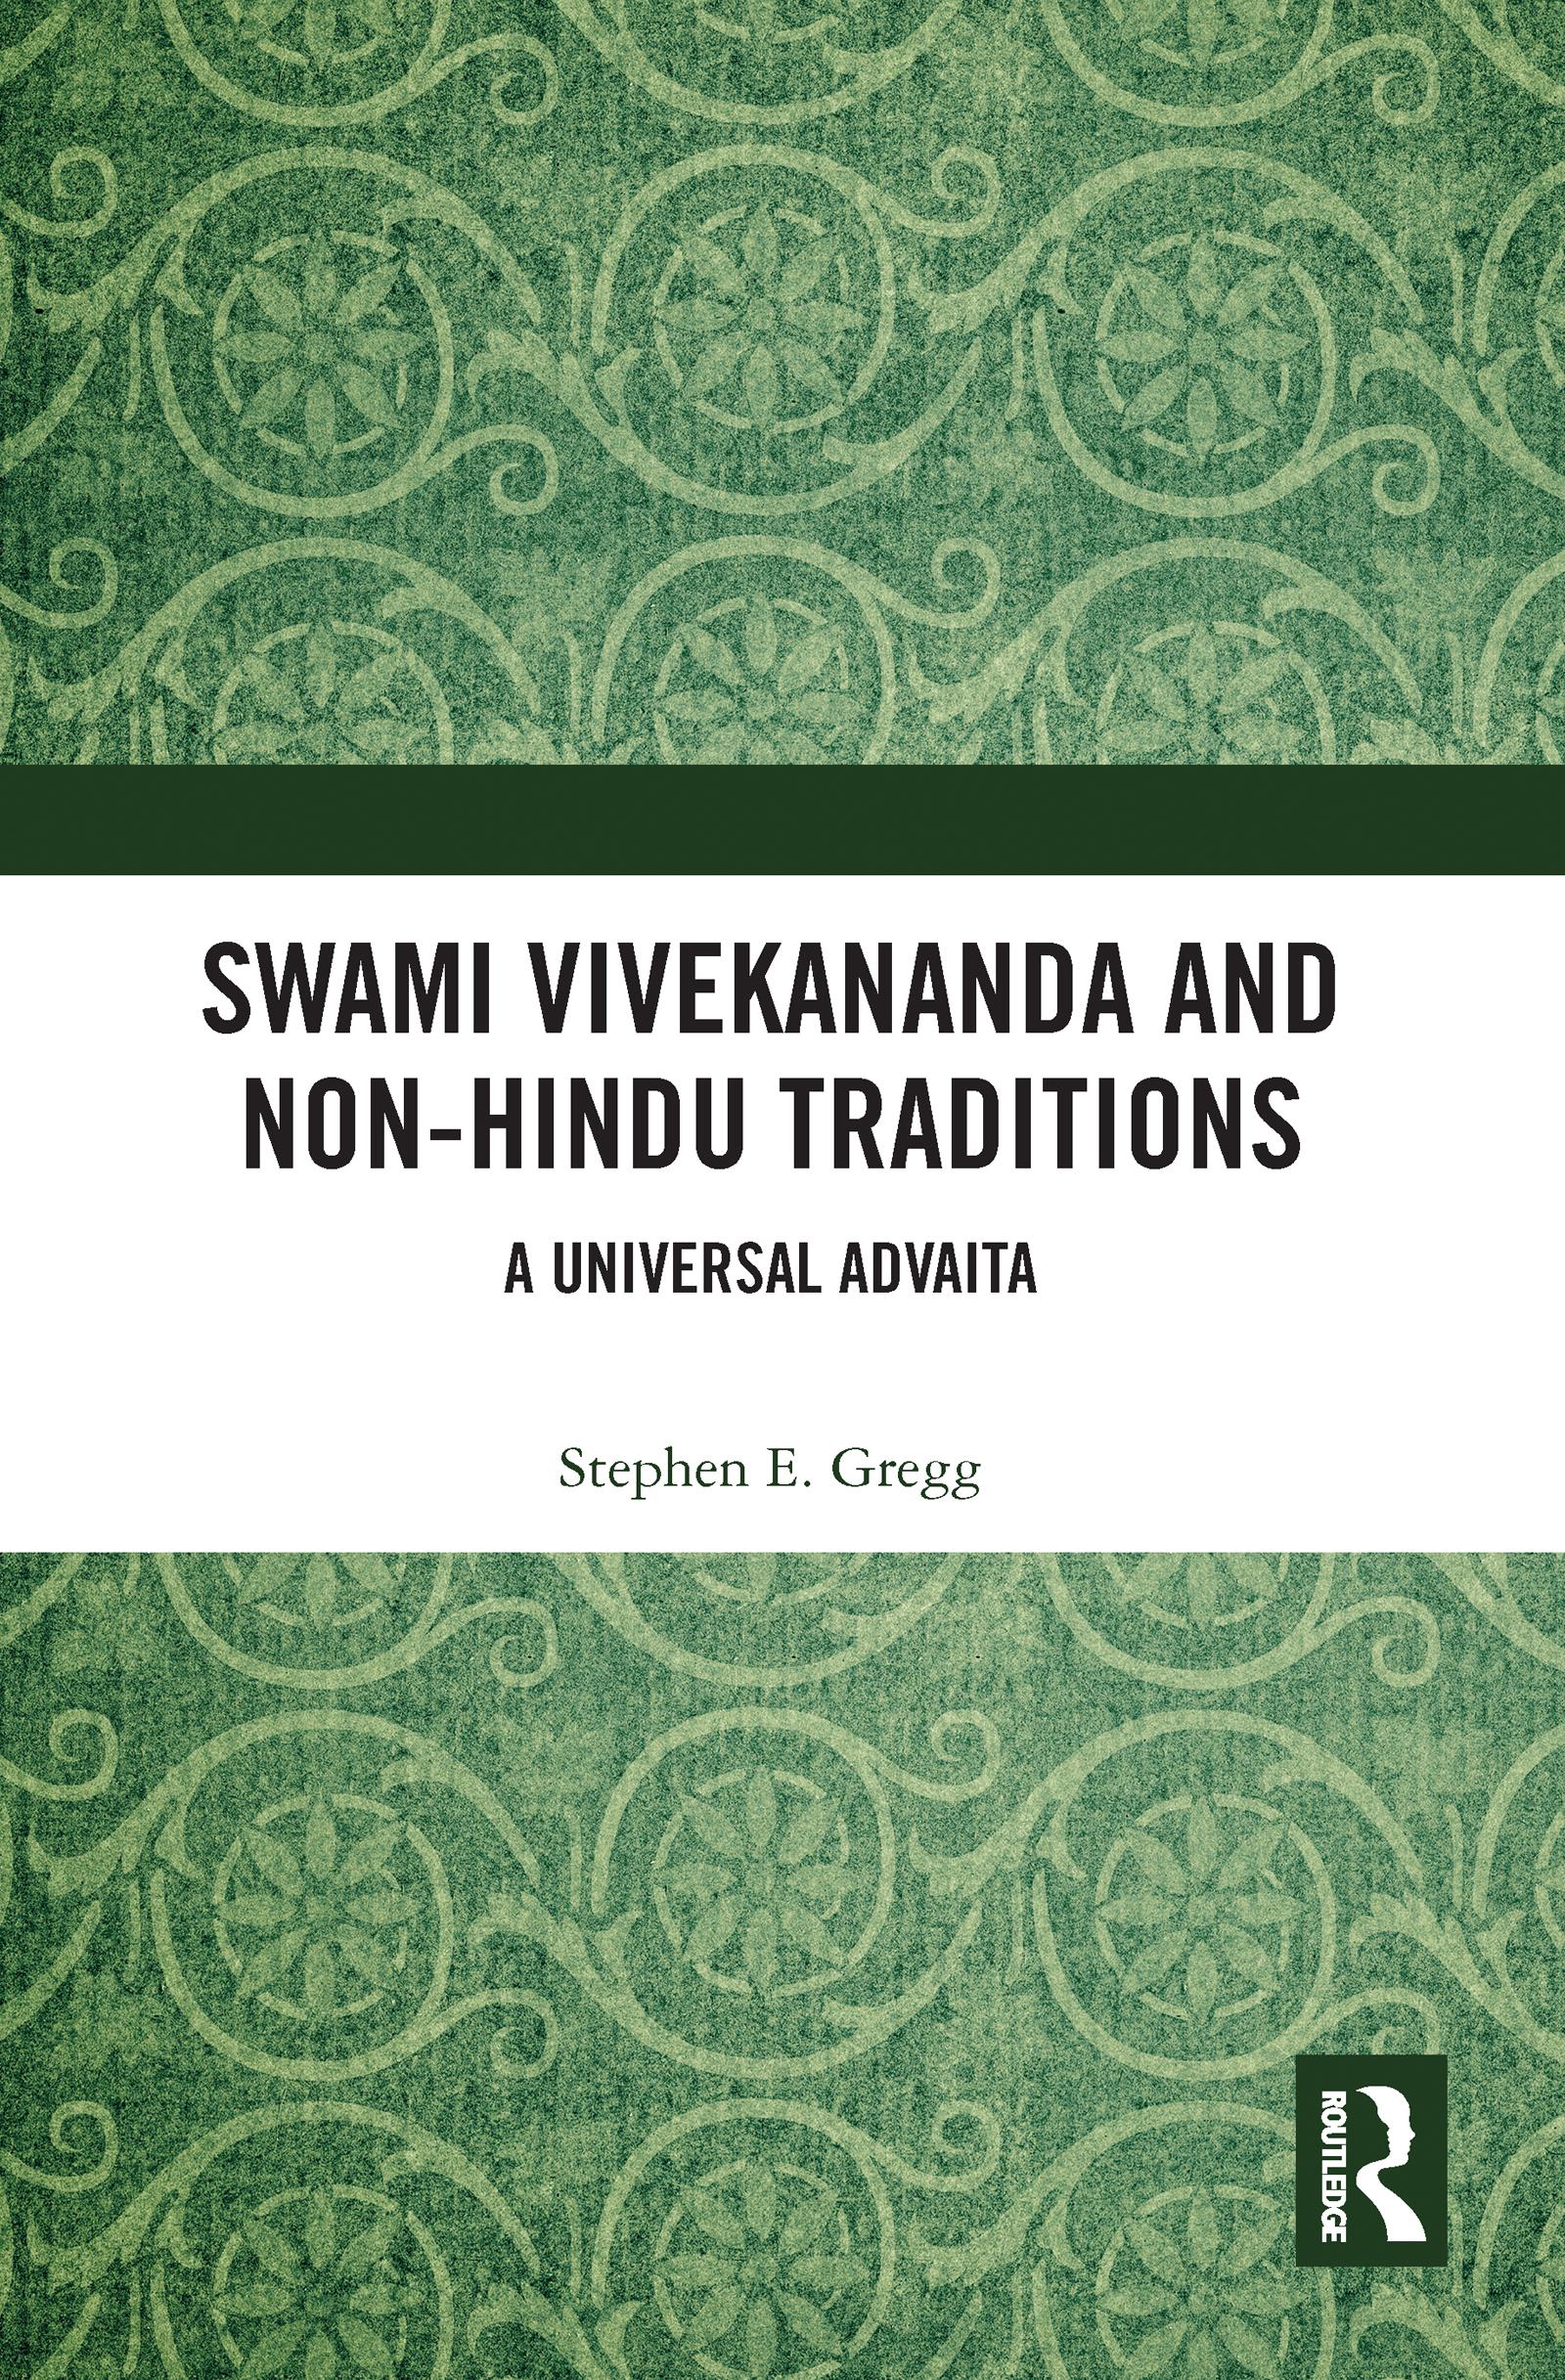 Swami Vivekananda and Non-Hindu Traditions